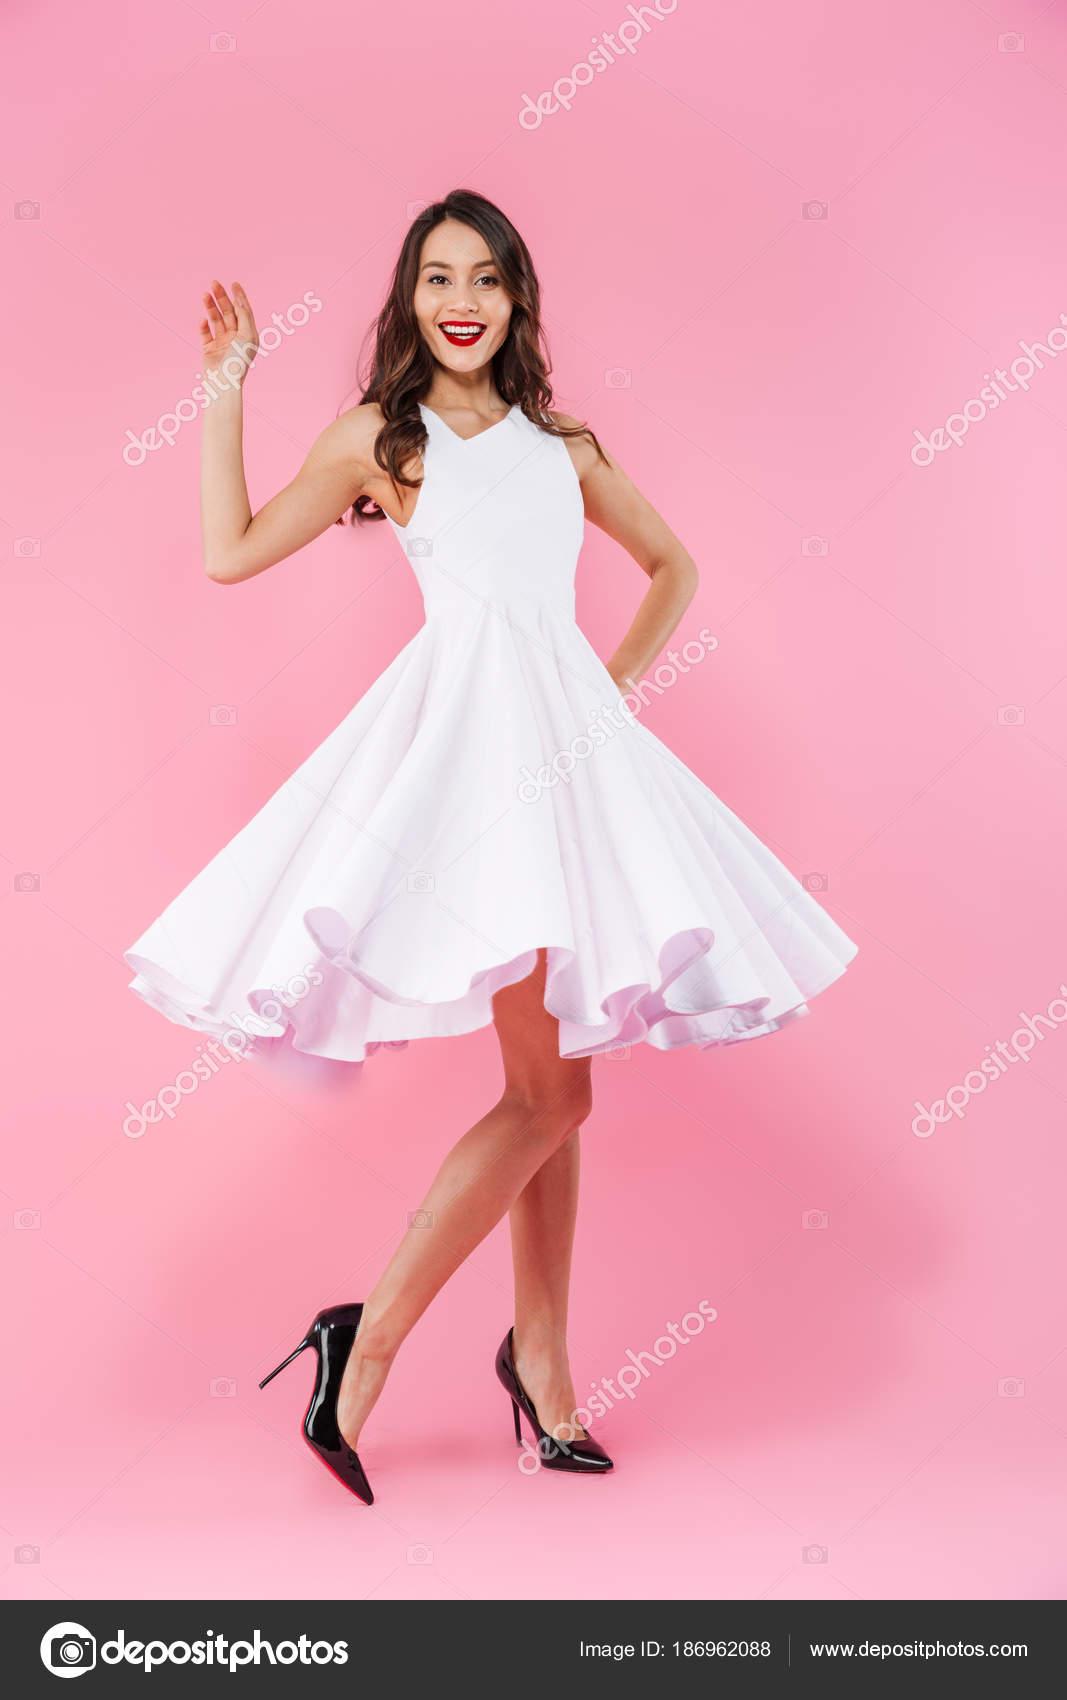 Increíble Vestido De Novia Asiática Blanco Friso - Colección de ...